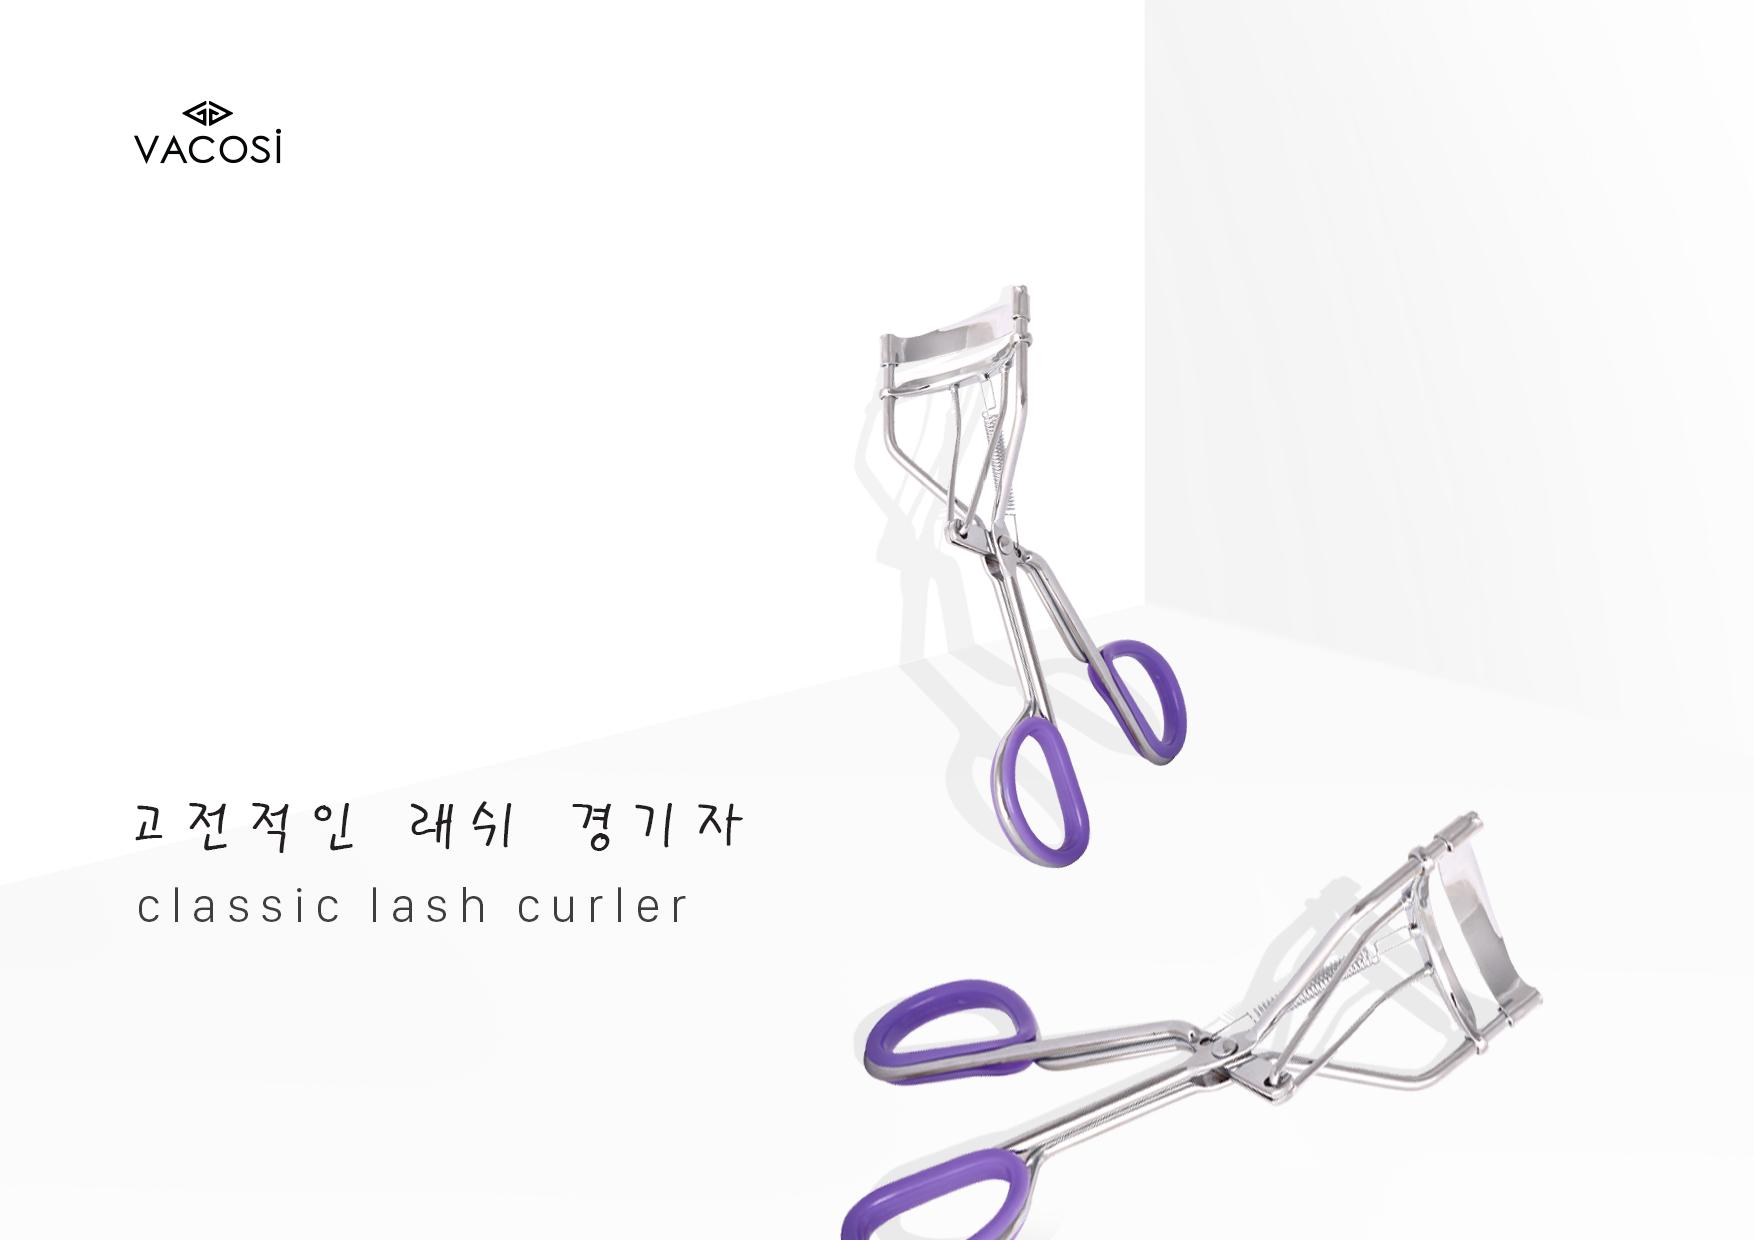 Kết quả hình ảnh cho Bấm Mi Lò Xo Vacosi Classic Lash Curler BM01